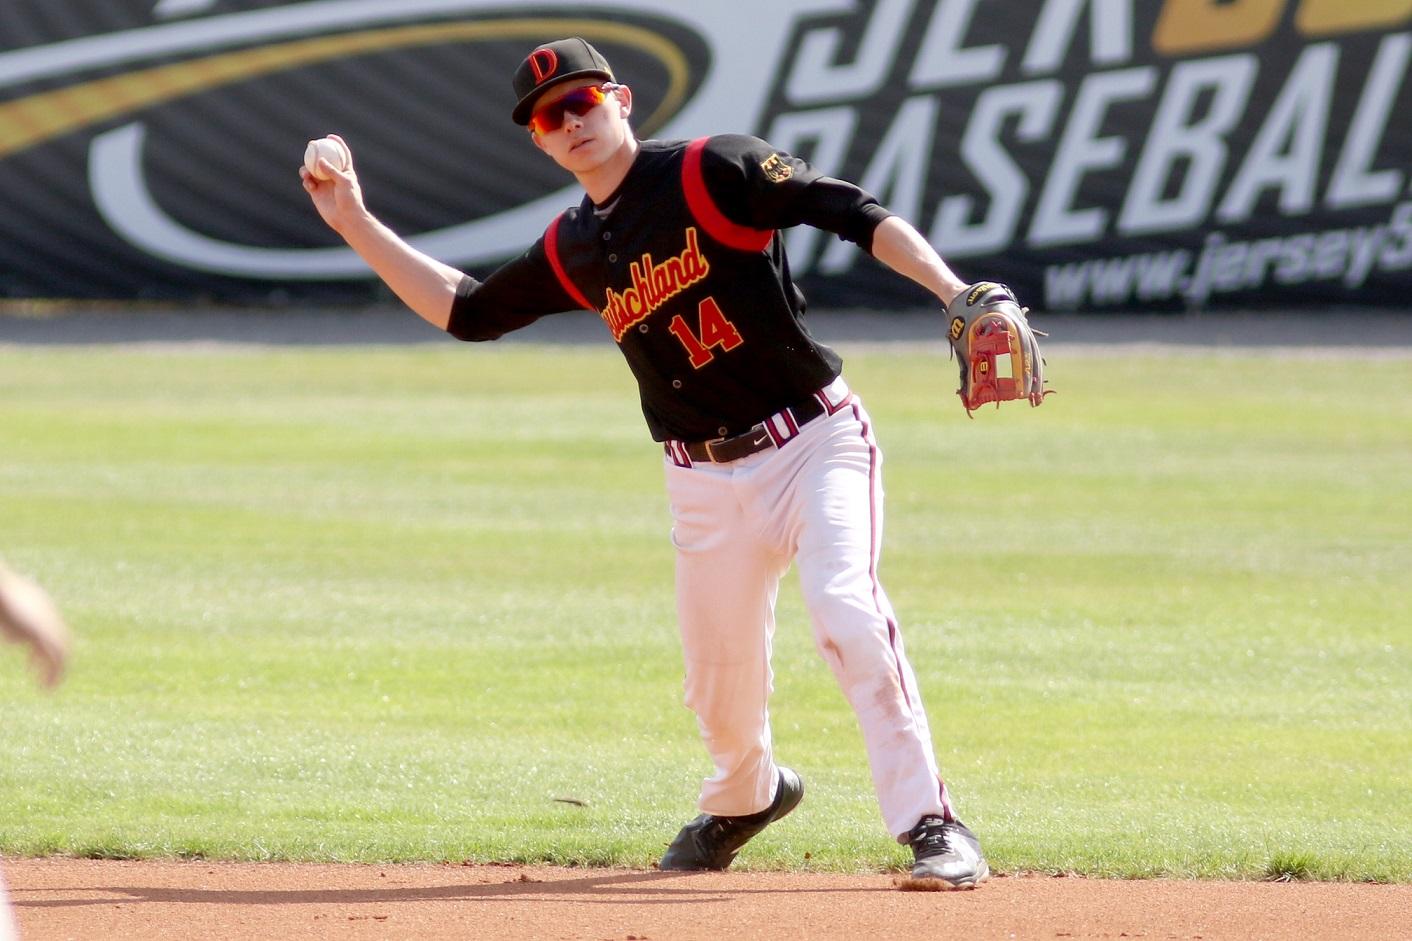 Daniel Zeller Baseball